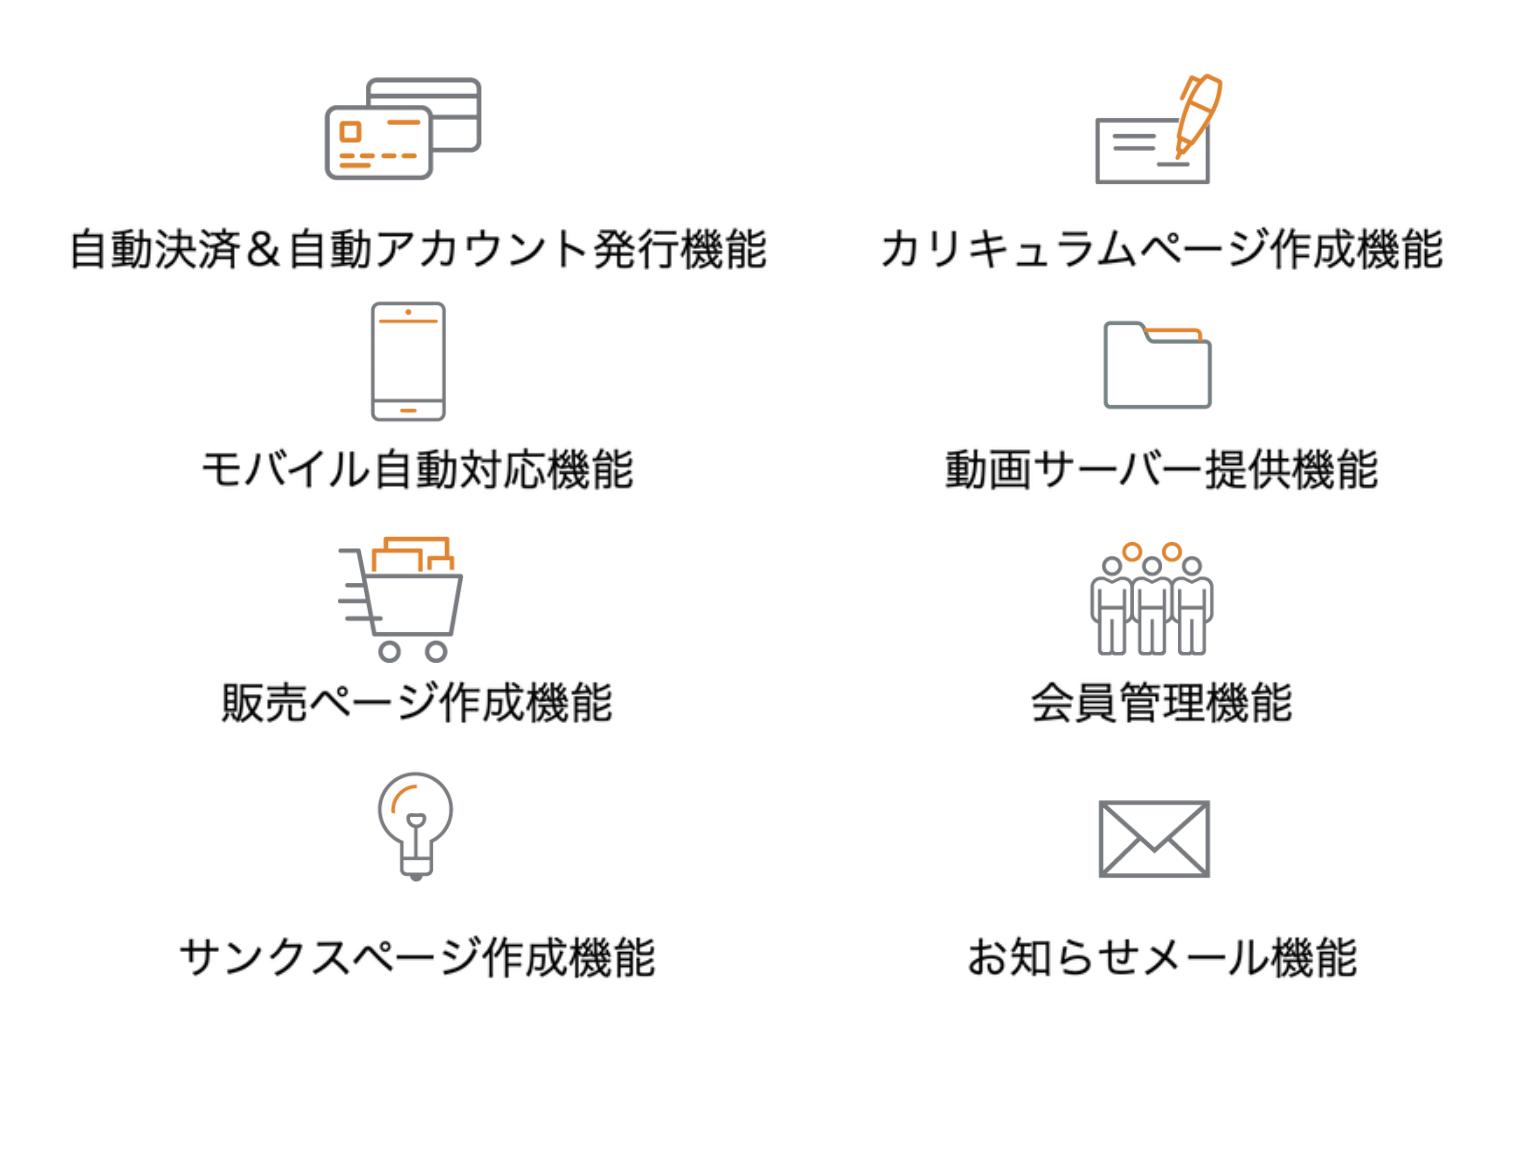 スクリーンショット 2020-10-01 17.20.13